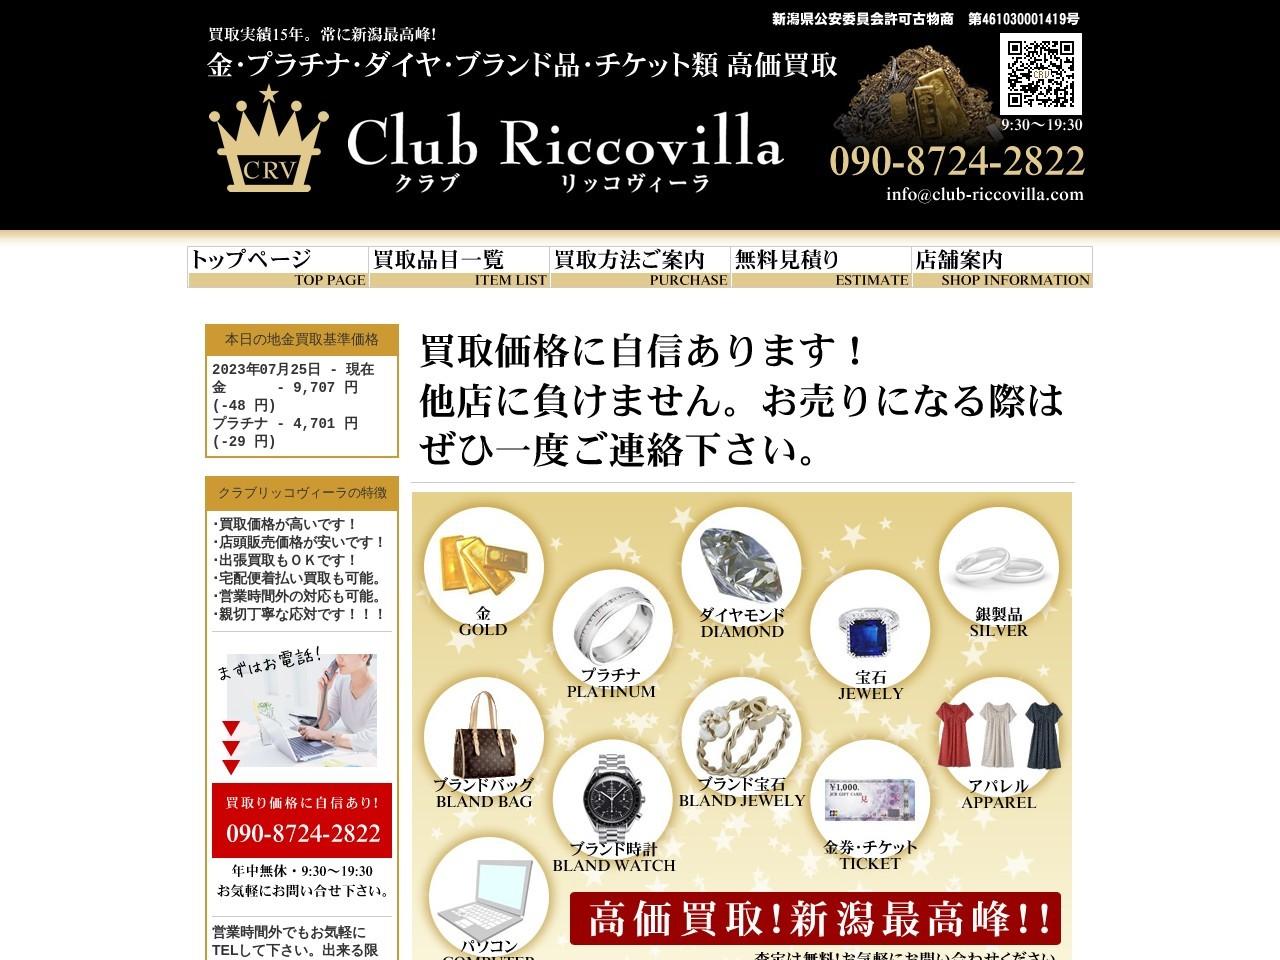 クラブ リッコヴィーラ 貴金属・ブランド品買取 新潟市